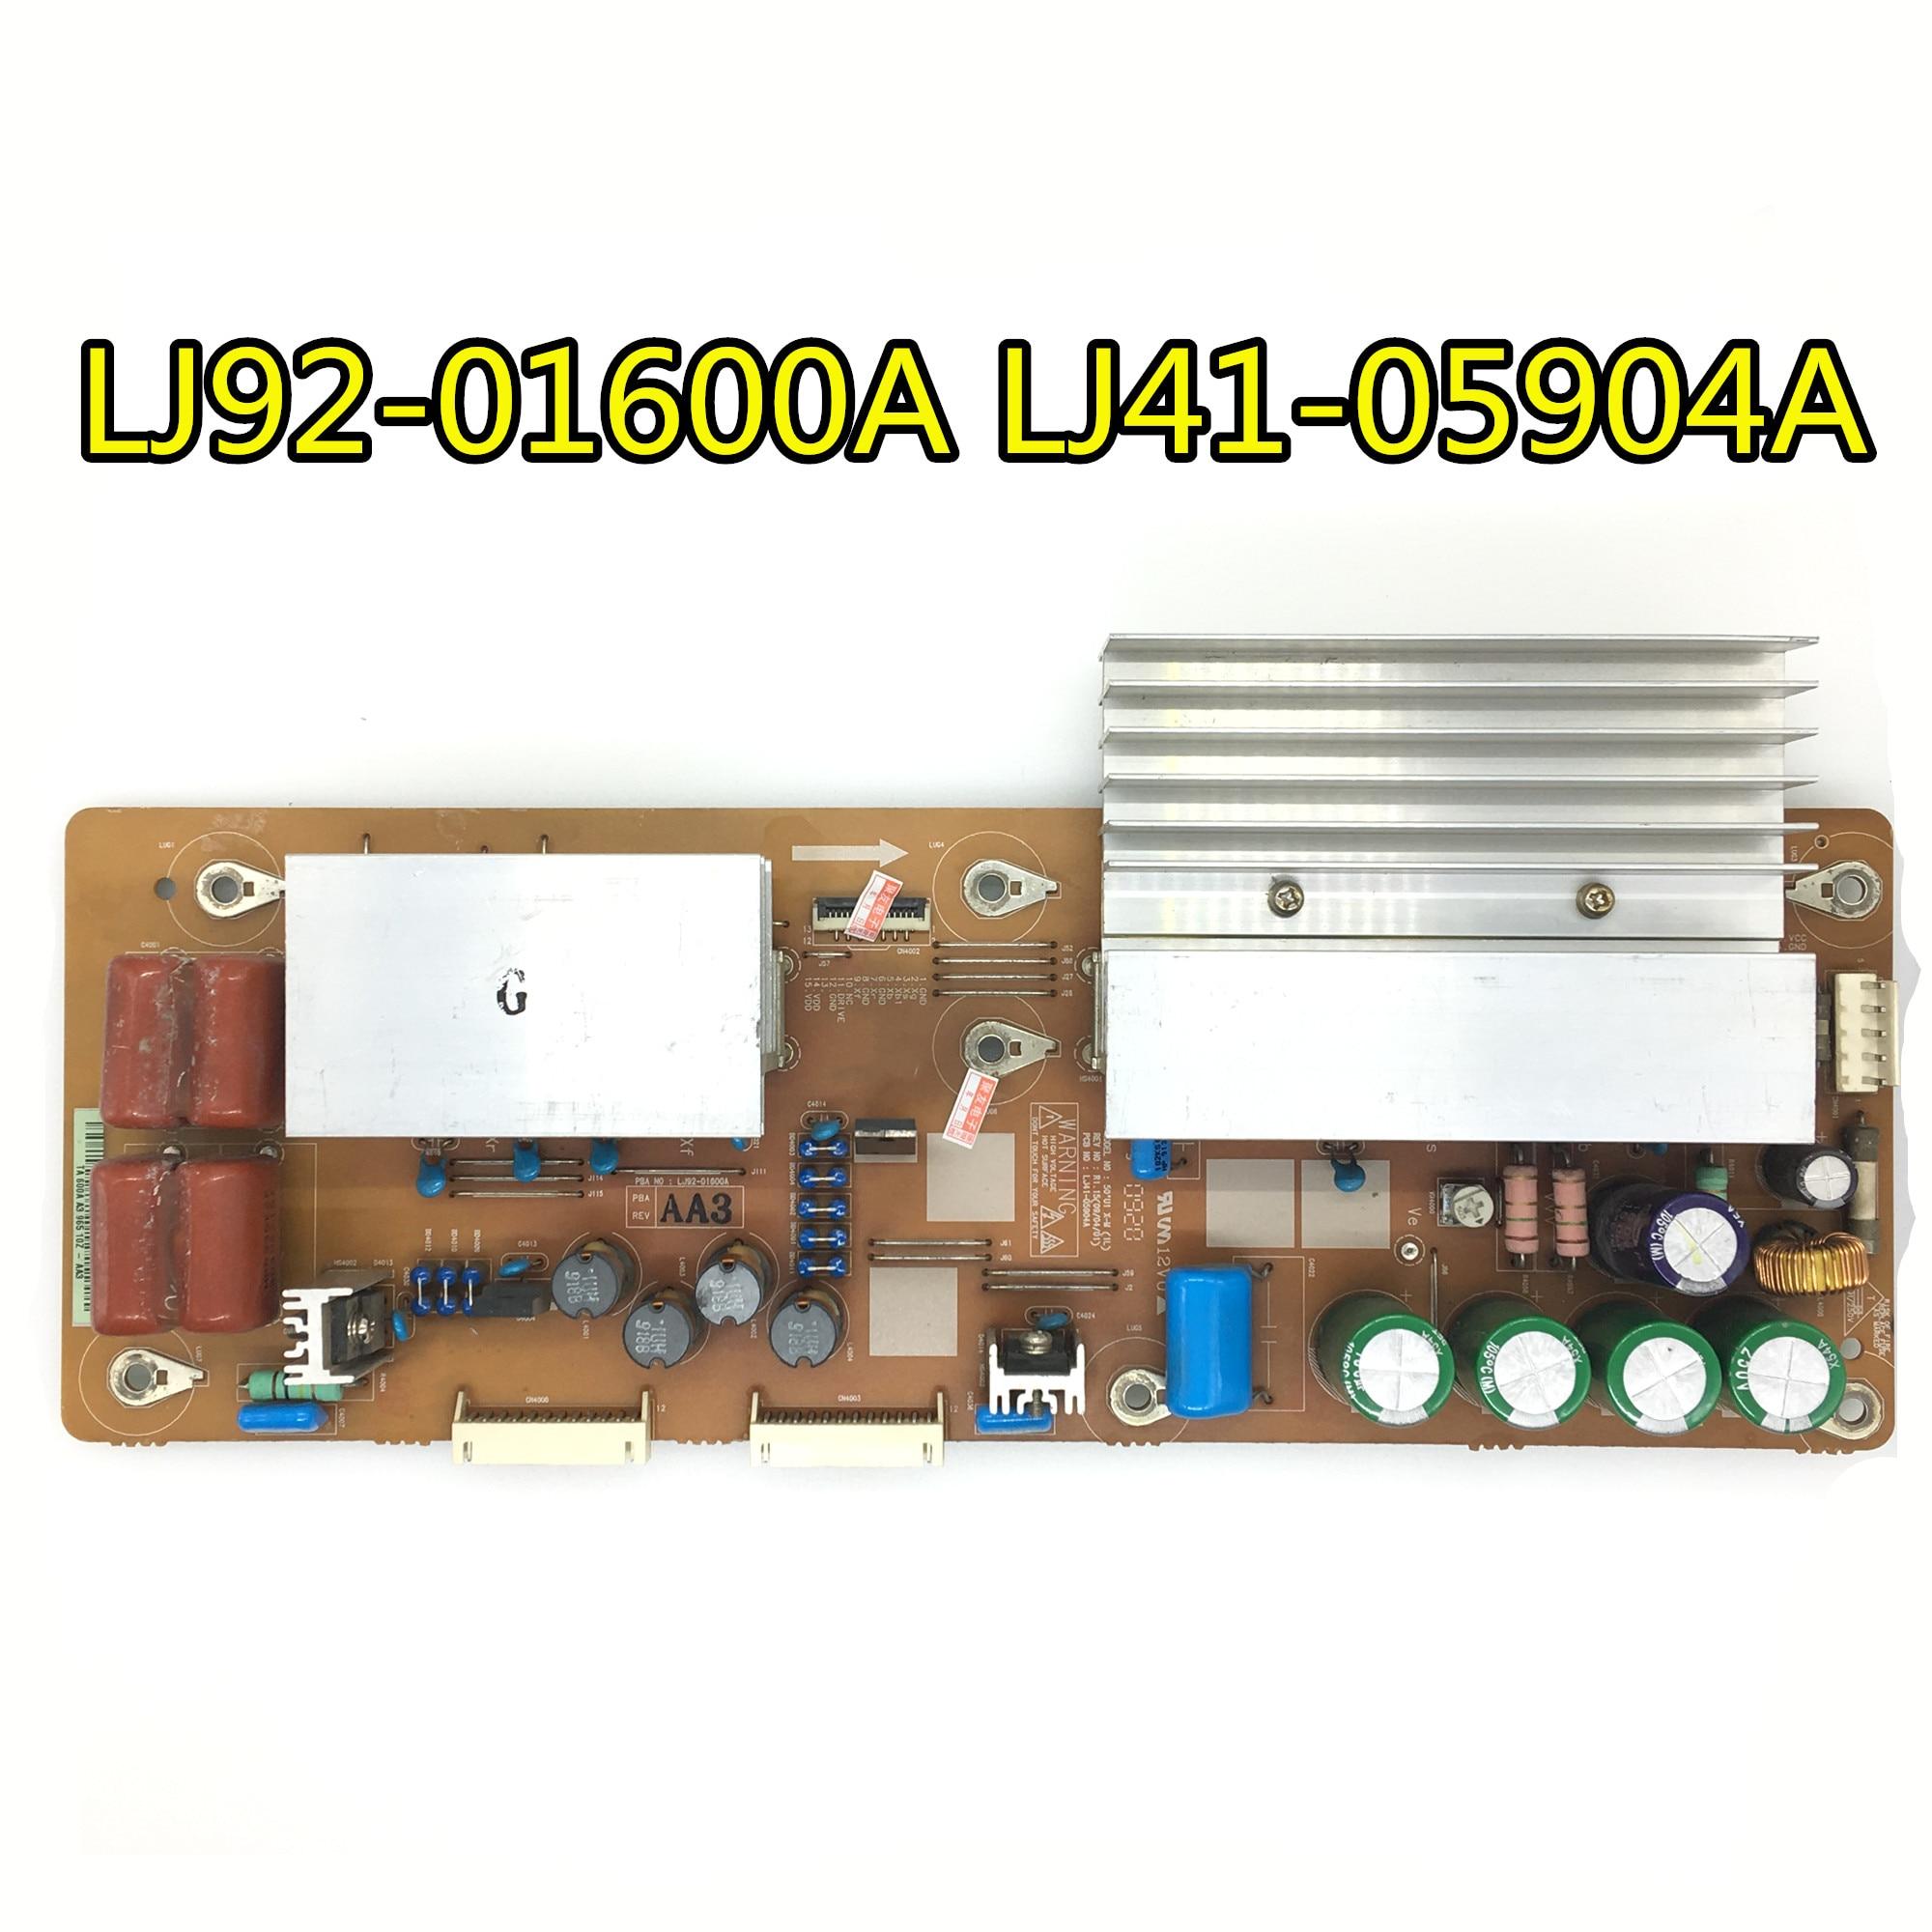 Teste para Samgsung Original Display z Board Lj92-01600a Lj41-05904a 100% S50hw-yd11 – Yb04